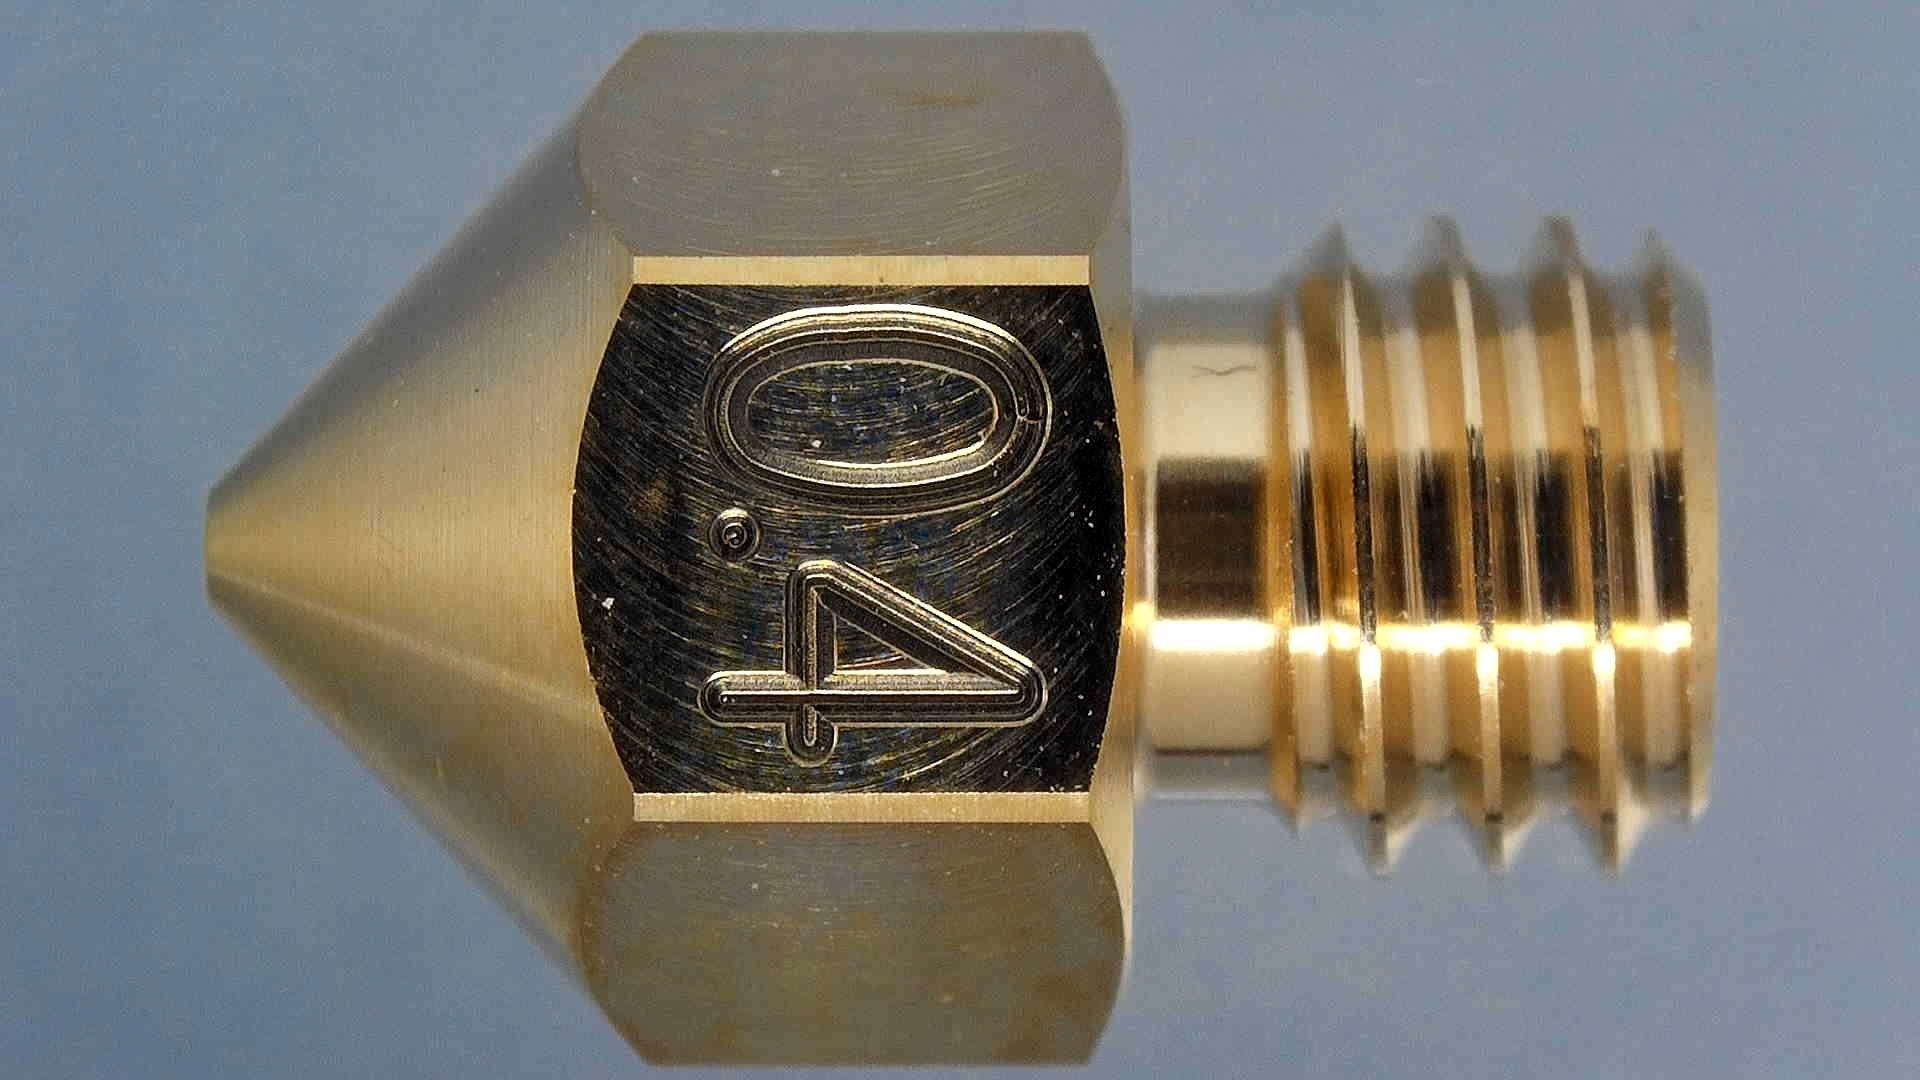 Trianglelab-MK8-Brass-Nozzle-2-3D Printer Nozzle Comparison